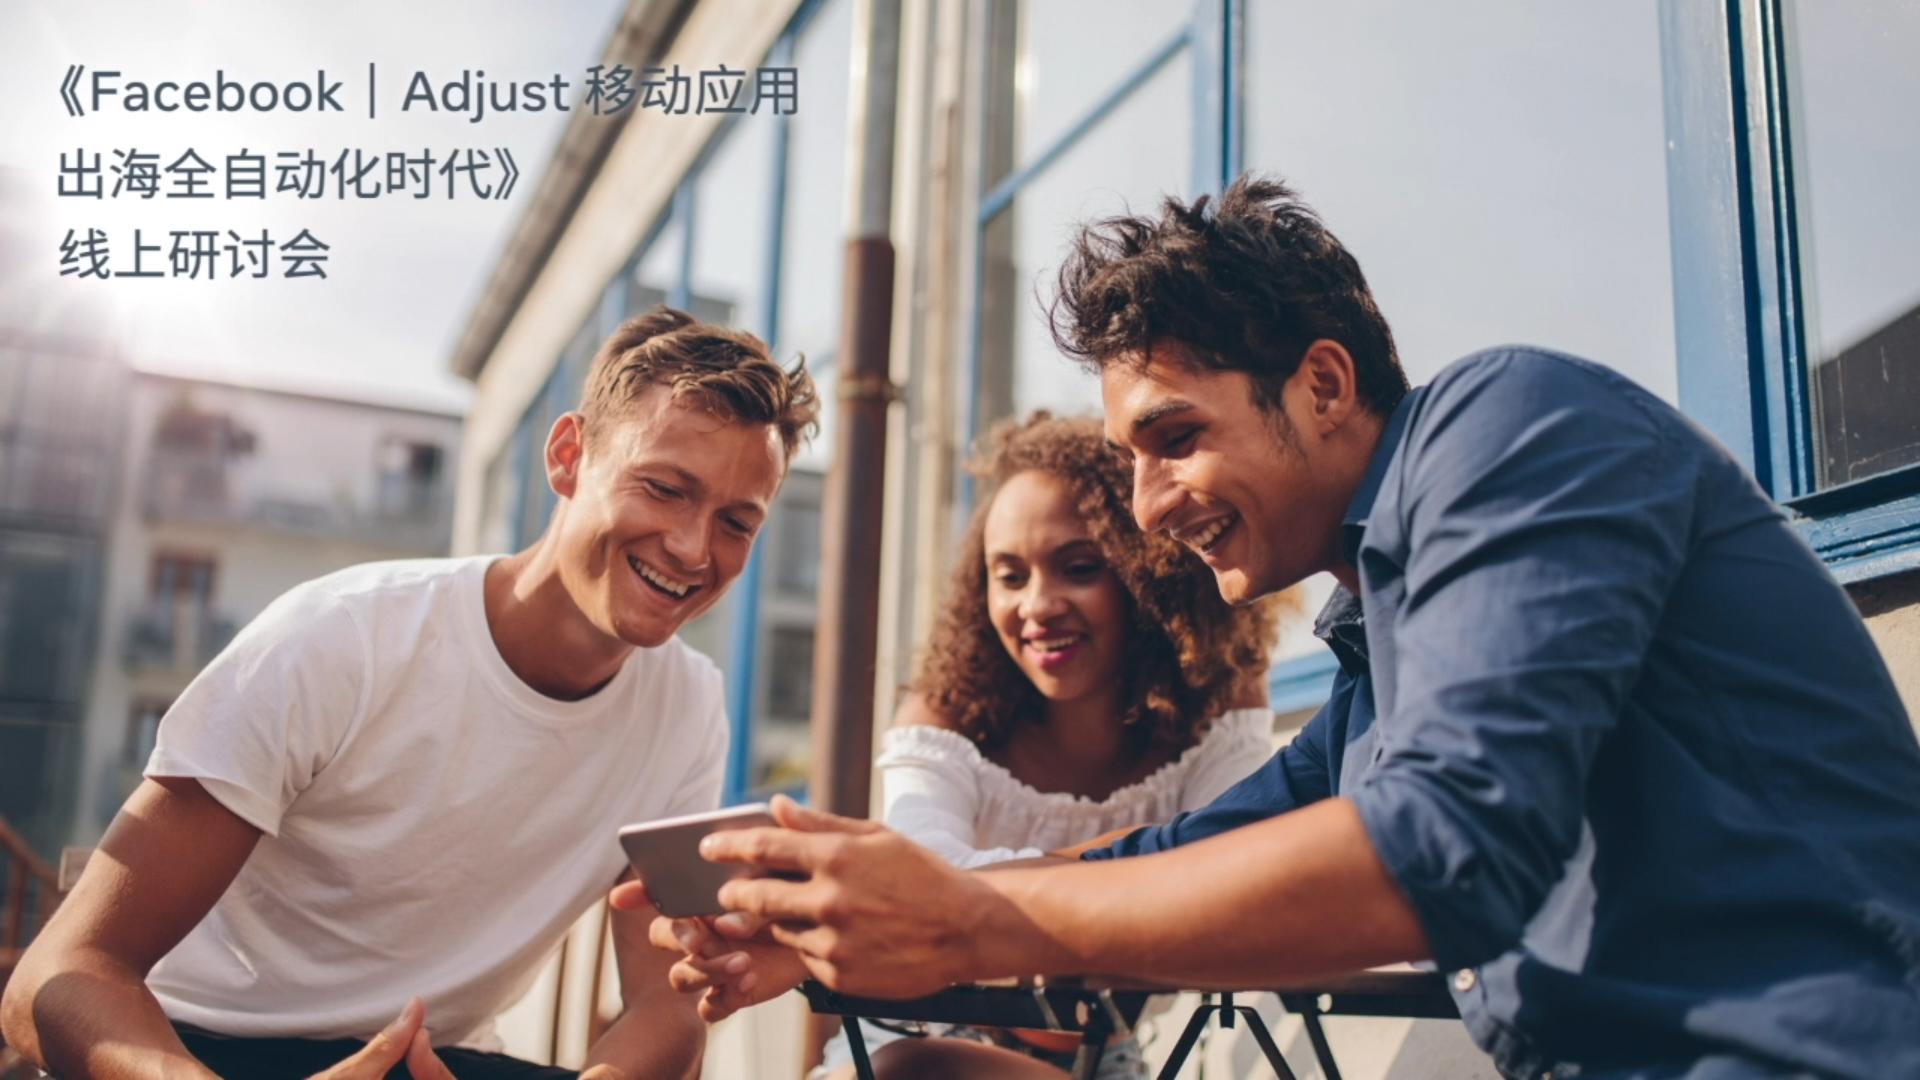 《Facebook & Adjust 移动应用出海全自动化时代》线上研讨会